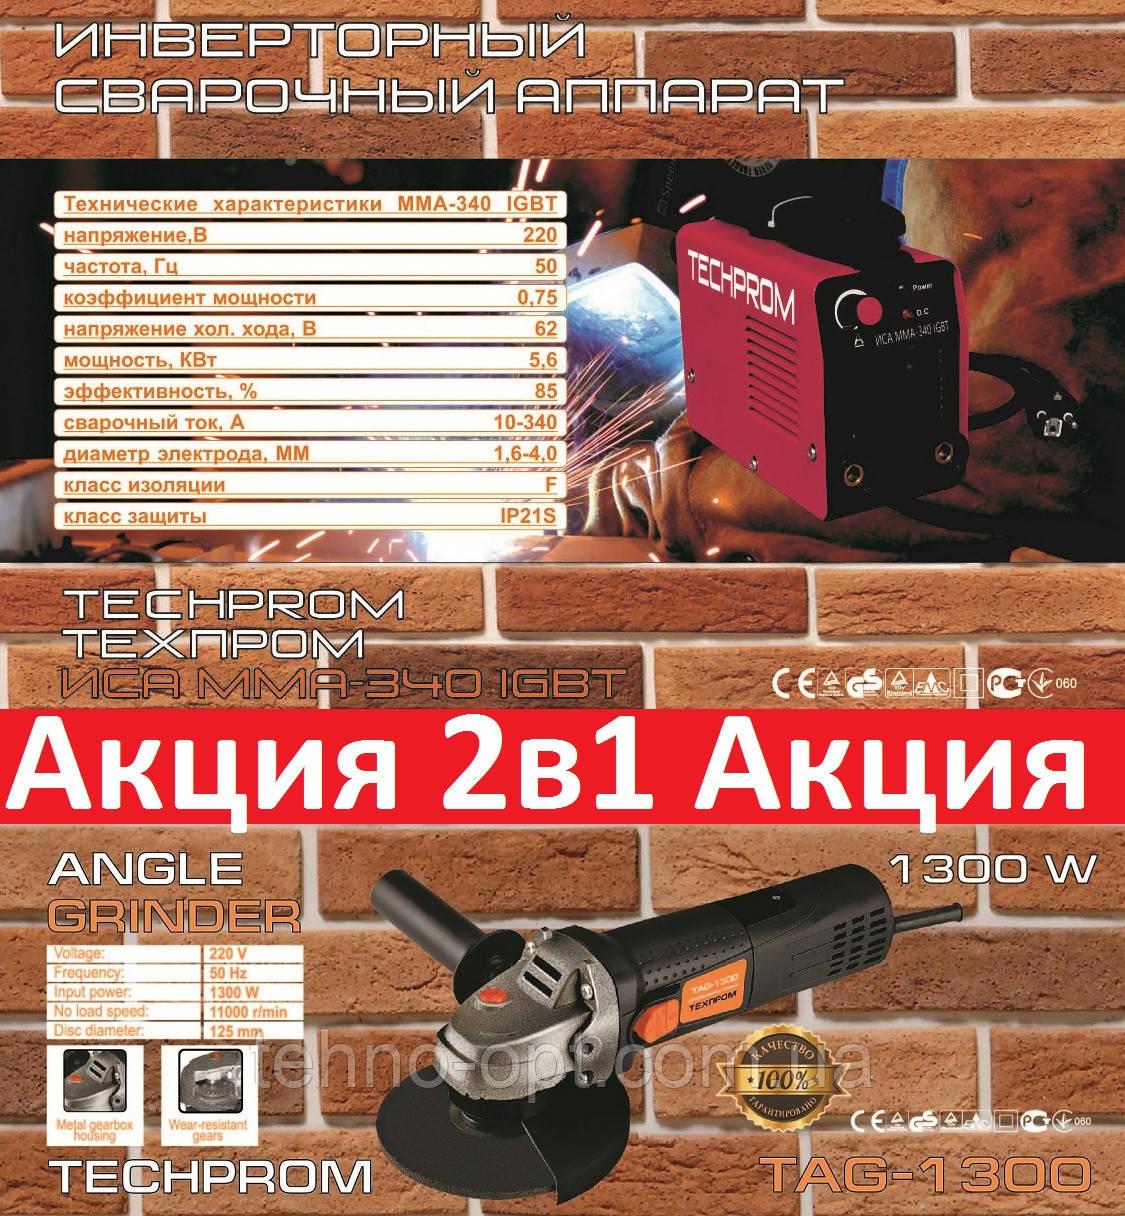 АКЦИЯ! Инверторный сварочный аппарат Техпром мини + болгарка 125 техпром 1300 Вт